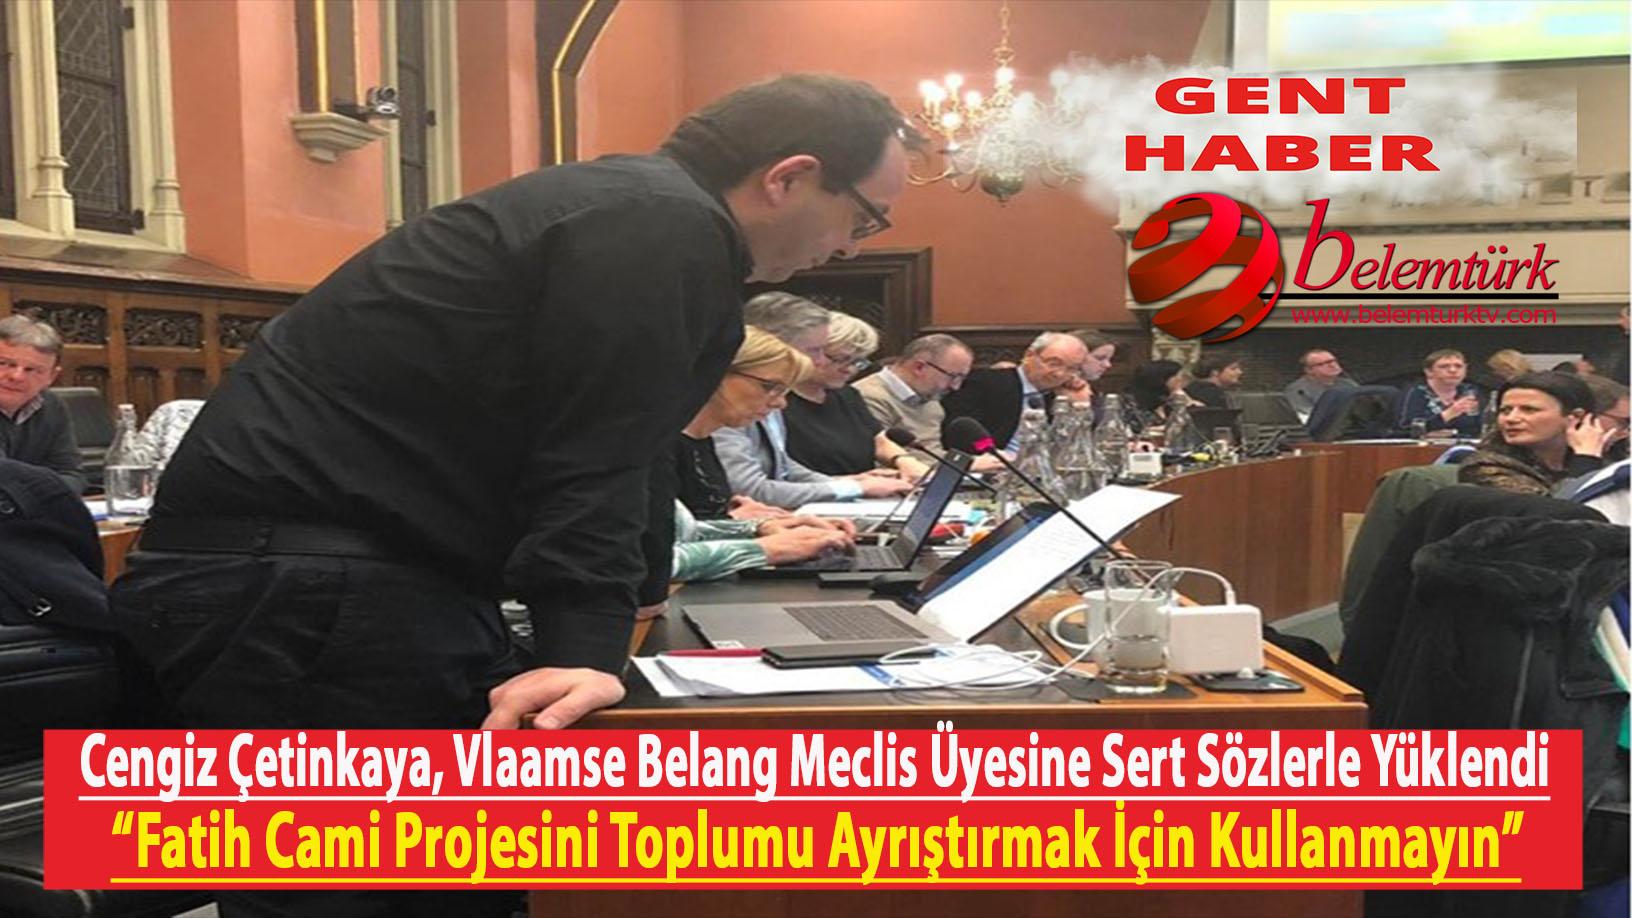 """Cengiz Çetinkaya : """"Fatih Camii projesini toplumu ayrıştırmak için kullanmayın"""""""